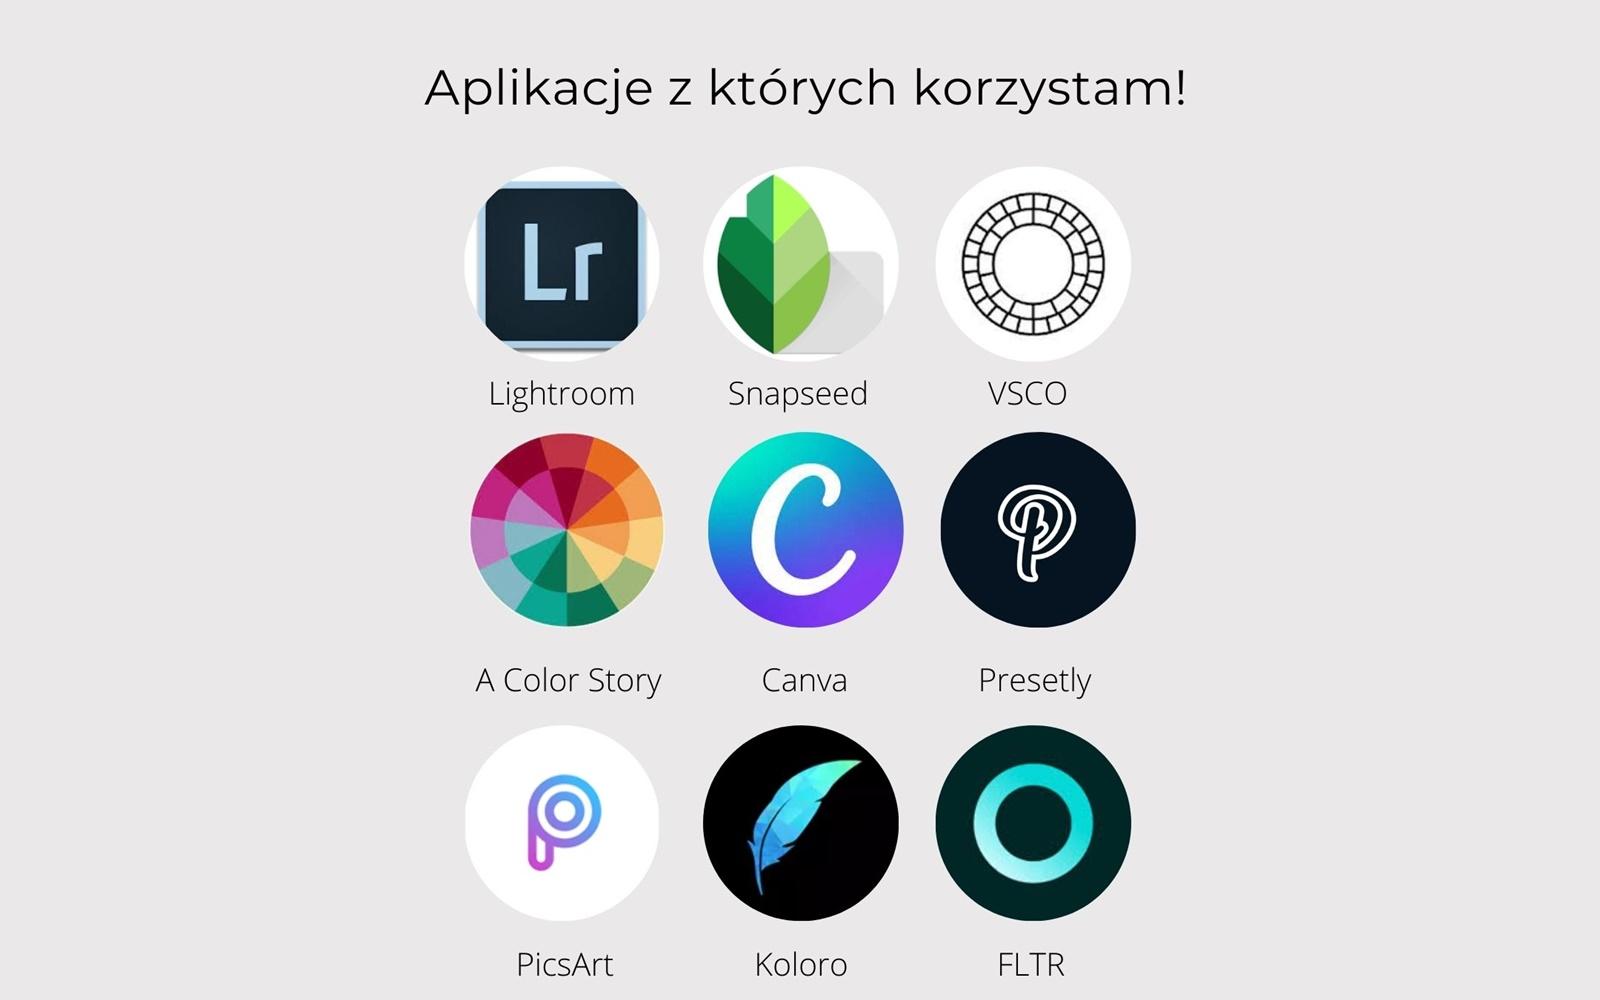 2 moje ulubione aplikacje do obróbki zdjęć na telefonie, jak obrabiać zdjęcia na instagram, jak zaplanować spójny profil na instagramie snapseed vsco lightroom a color story - jak obrabiac zdjecia na ig spojnie